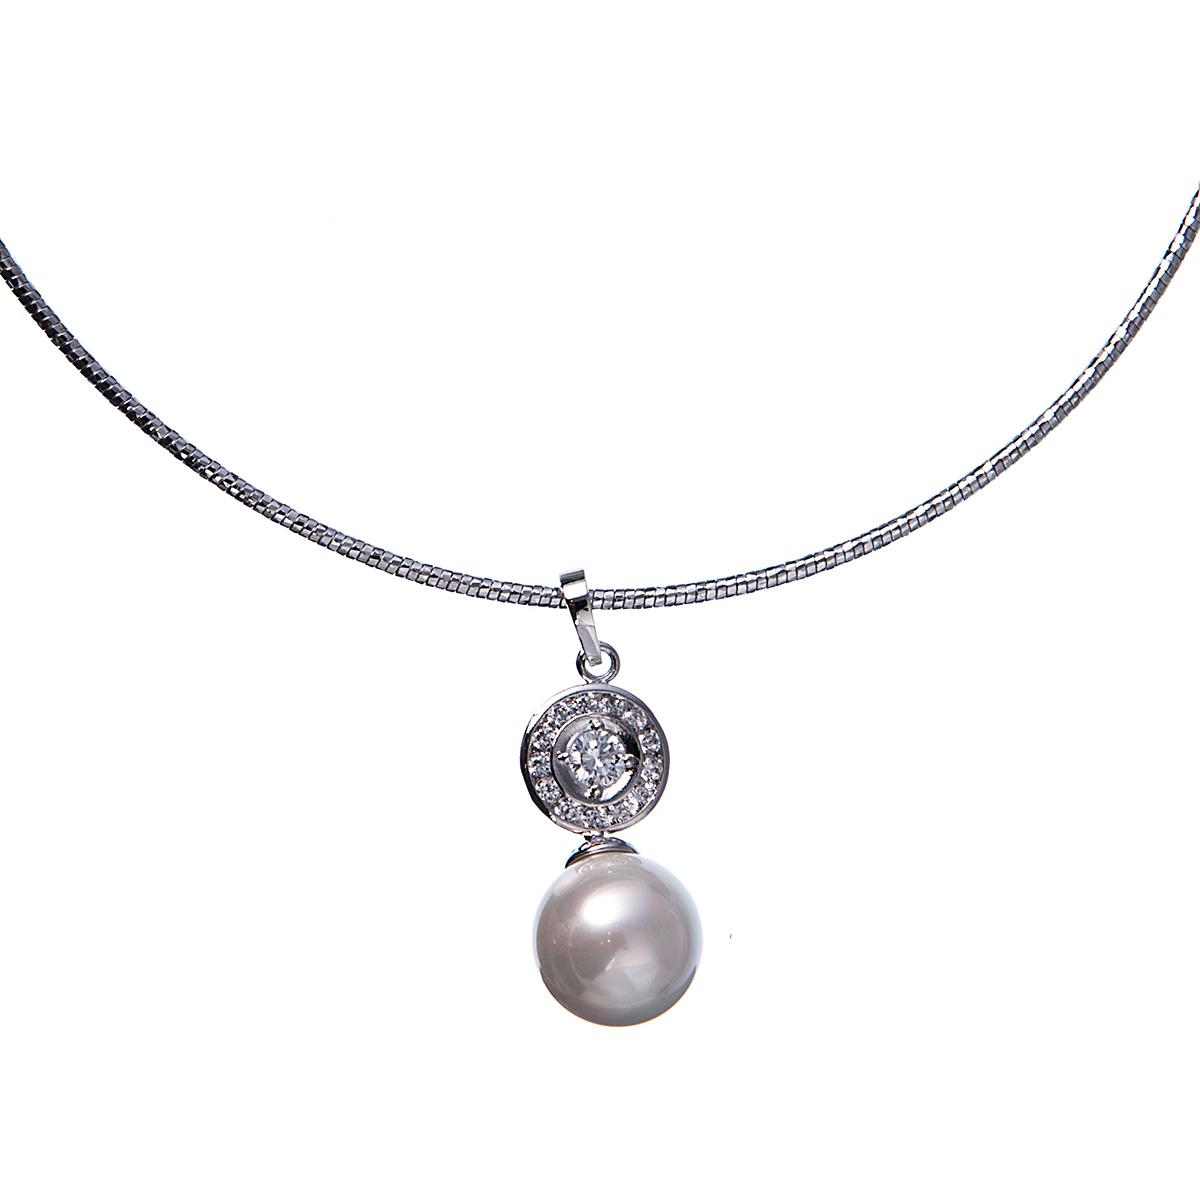 Колье Selena Diamond, цвет: белый, серебряный. 1009227110092271Оригинальное колье от Selena Diamond представляет собой жгут, выполненный из металла с гальваническим покрытием - родий и дополненный стильной подвеской, которая украшена полудрагоценным камнем цирконом и искусственным жемчугом, не оставит равнодушной ни одну любительницу изысканных и необычных украшений. Колье застегивается на карабин и оснащено цепочкой для регулирования размера. Такое колье позволит вам с легкостью воплотить самую смелую фантазию и создать собственный, неповторимый образ.